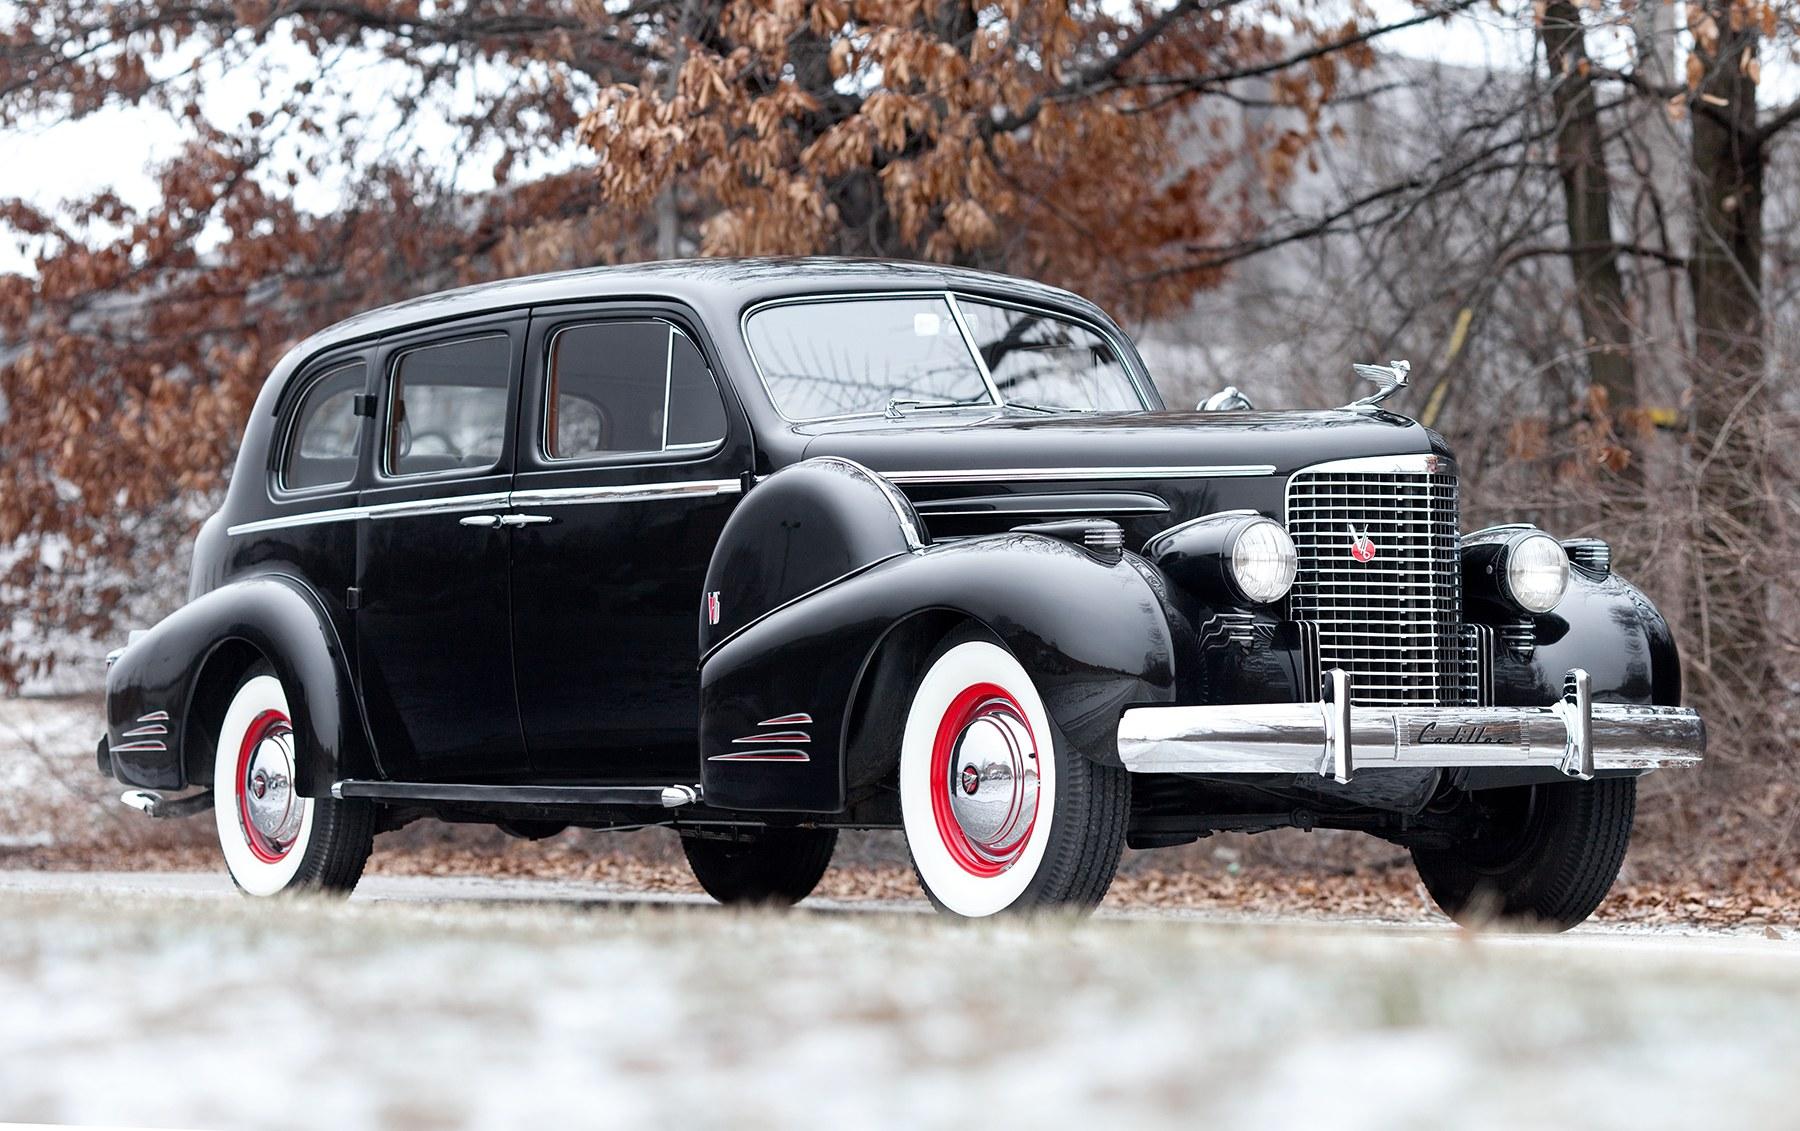 1938 Cadillac Series 90 V-16 Touring Sedan